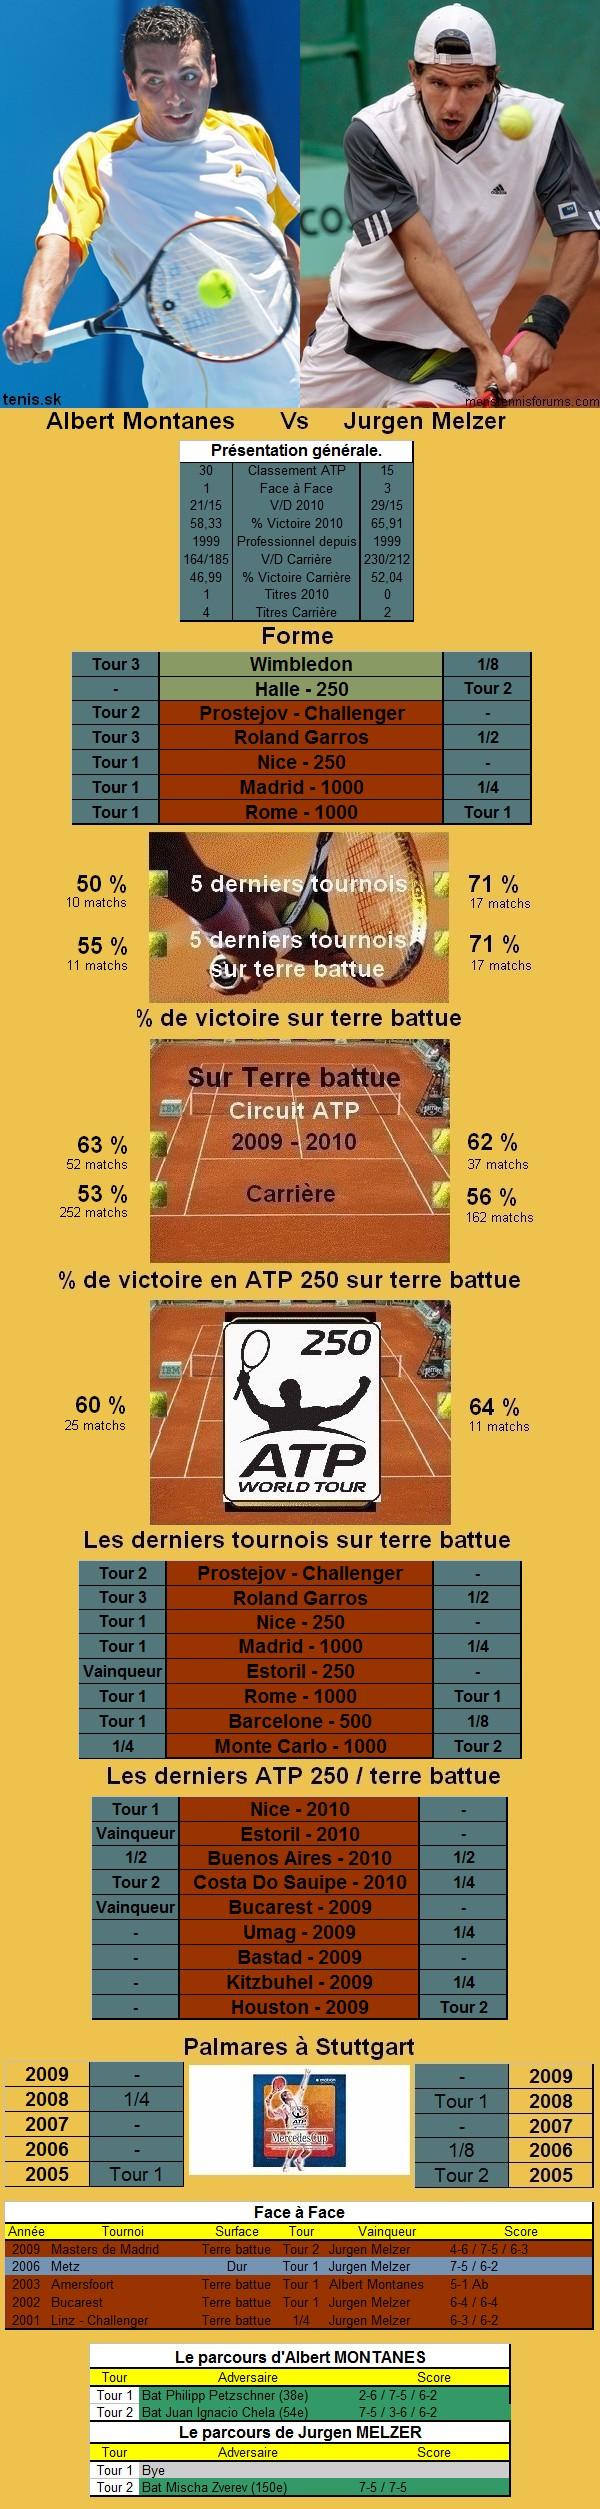 Statistiques tennis de Montanes contre Melzer à Stuttgart